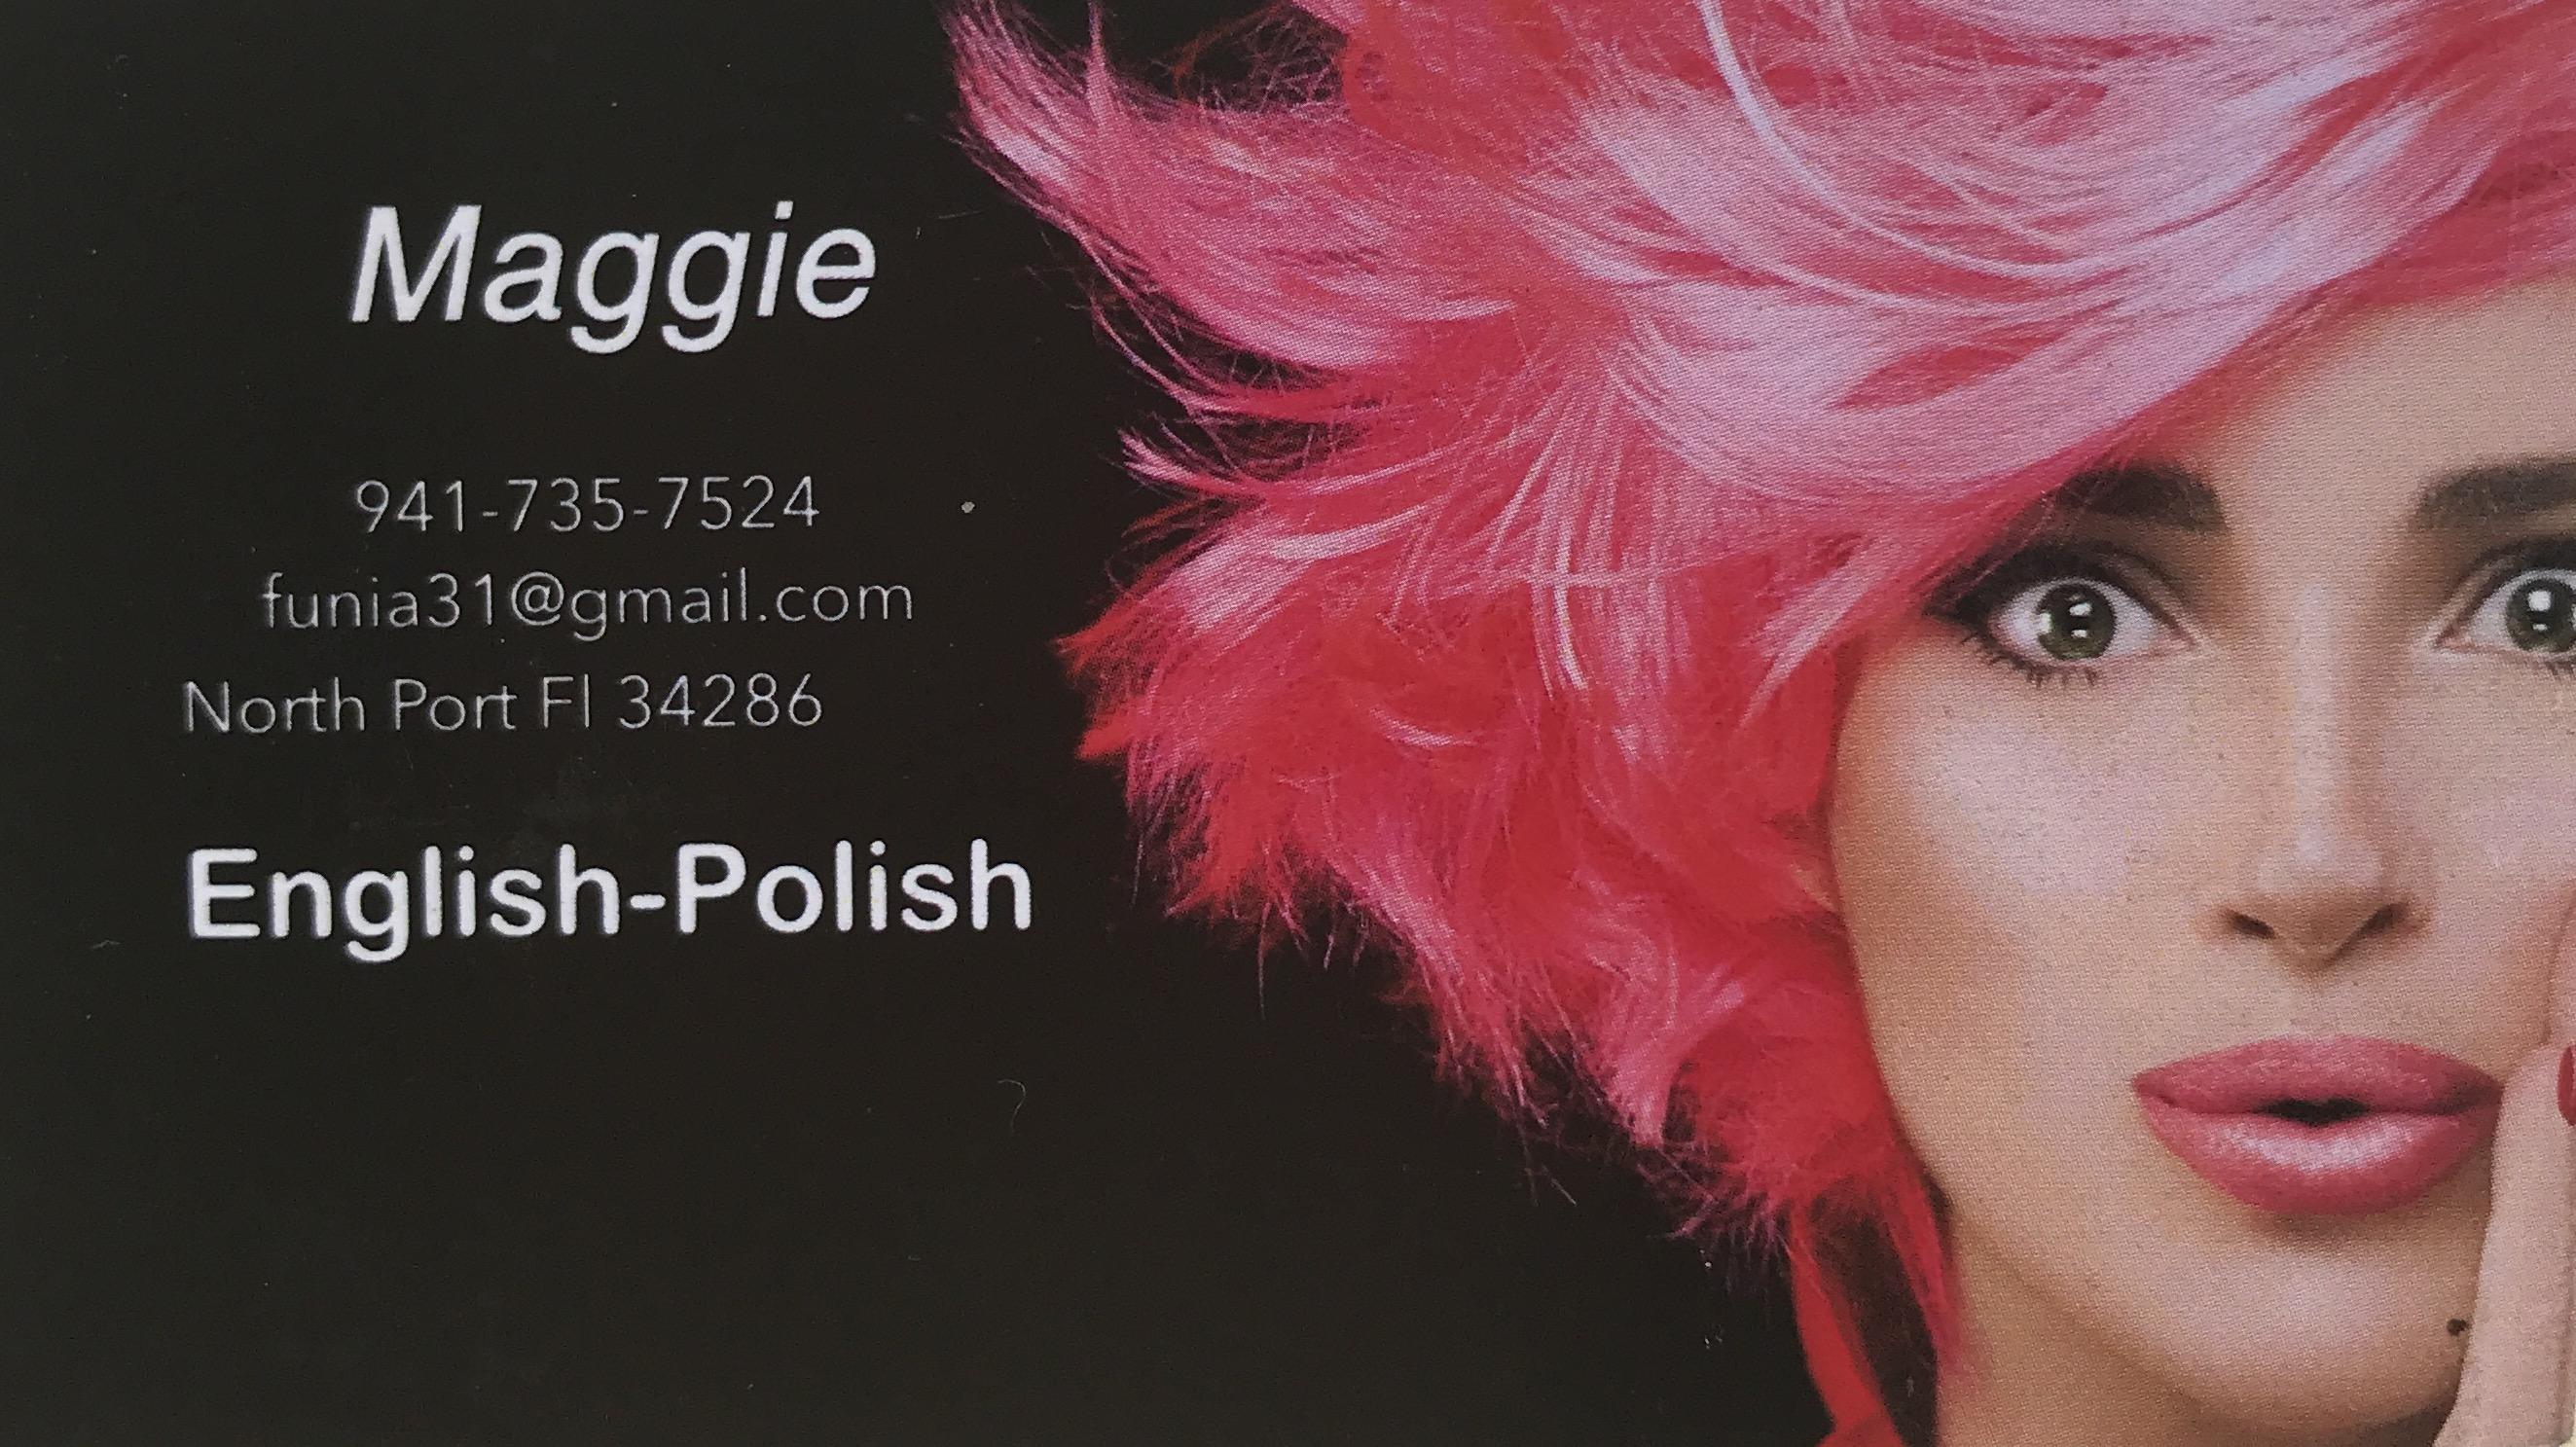 Maggie-Polish-Hairstylist, Hair Stylist : Polska Fryzjerka – Maggie – Sarasota County